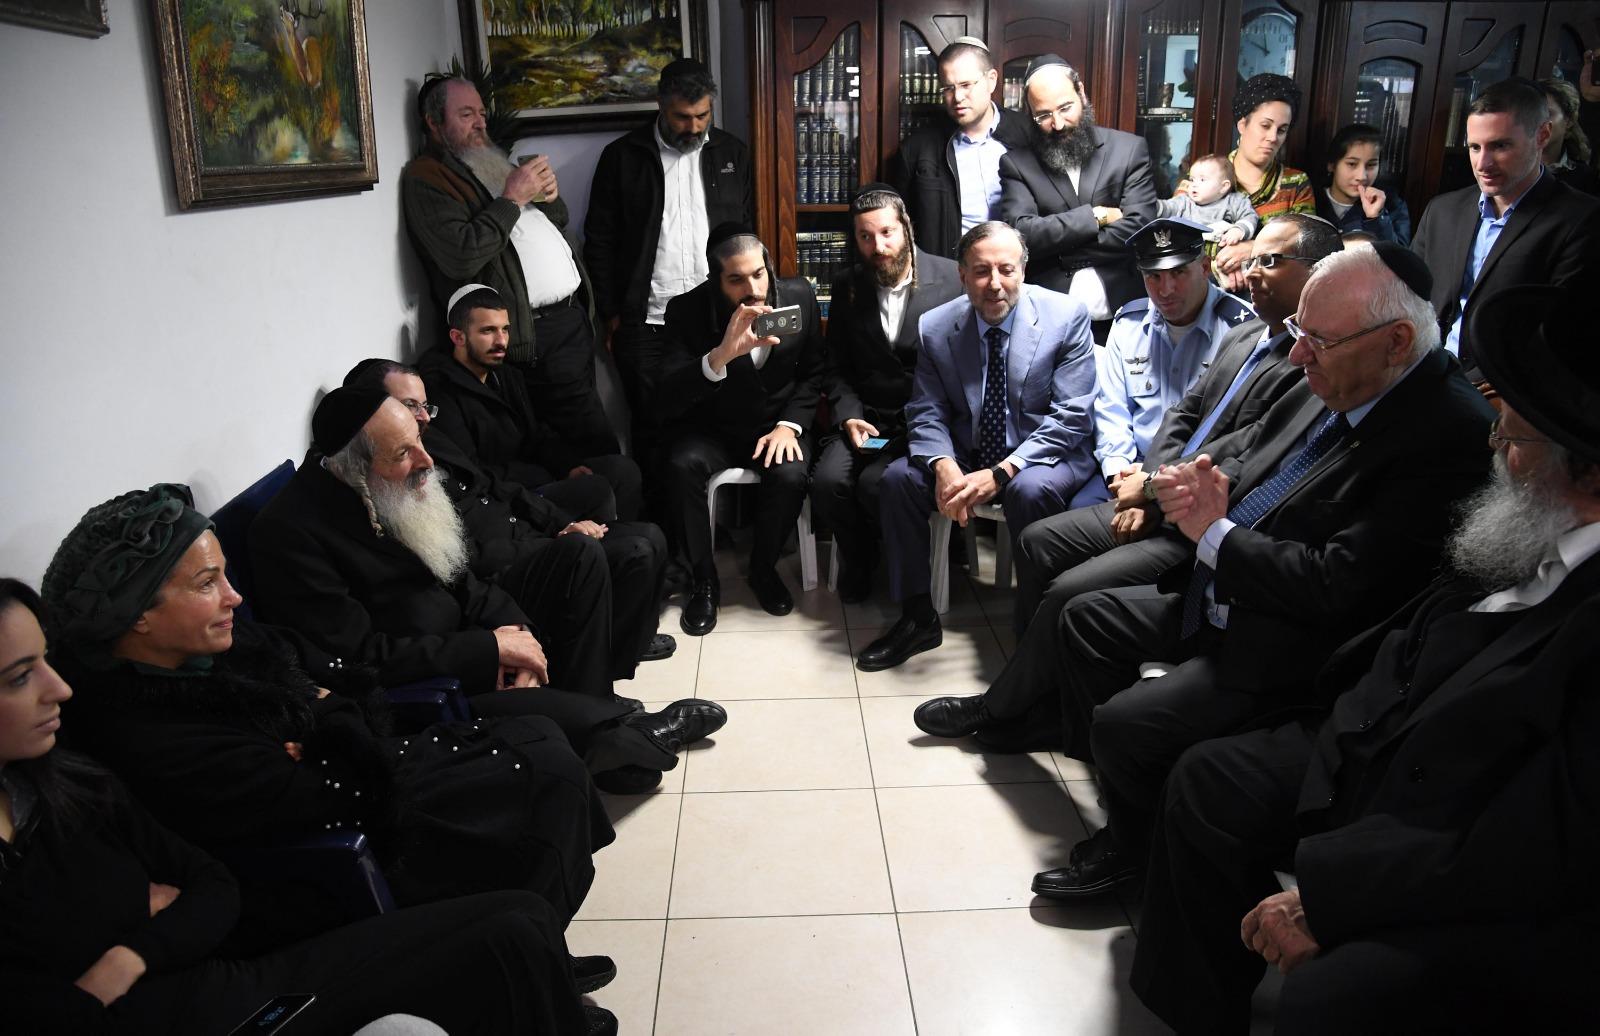 רובי ריבלין, יובל מור יוסף, יוסי כהן